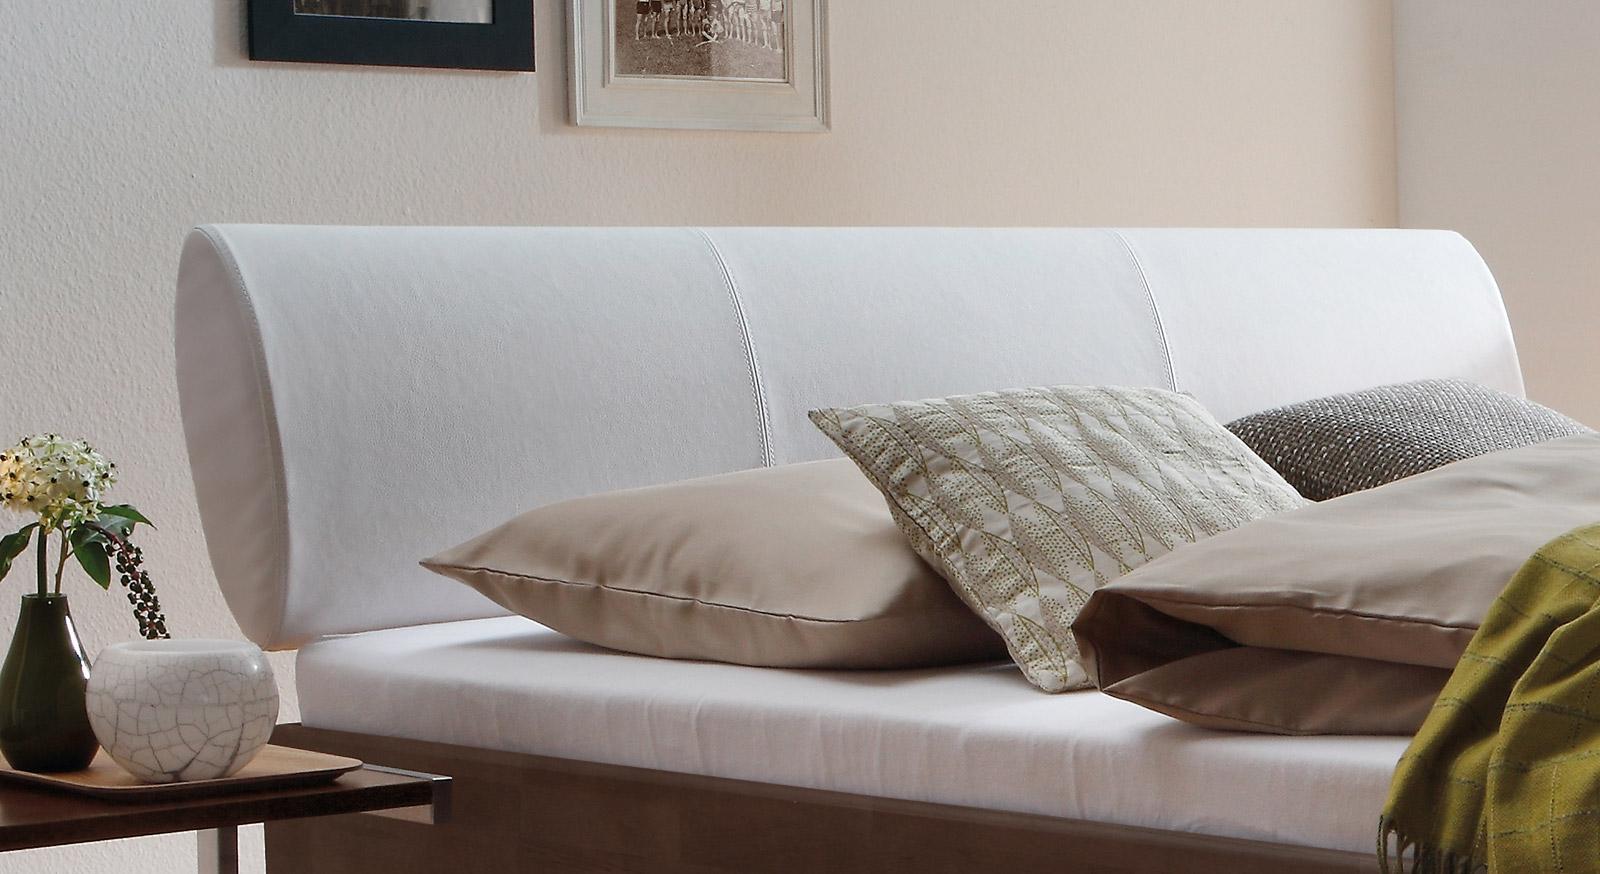 Bett aus Buche massiv mit weißem Leder-Kopfteil - Nuno | BETTEN.de